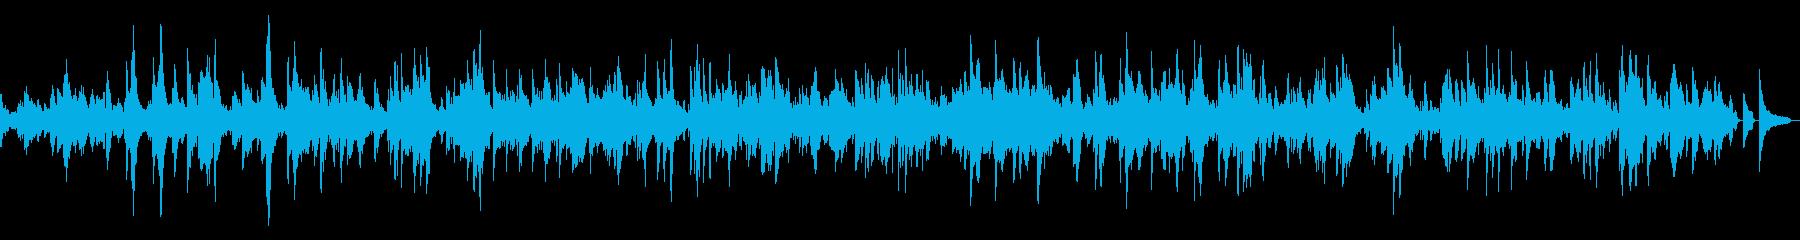 [ベートーベン] 「月光」第1楽章の再生済みの波形